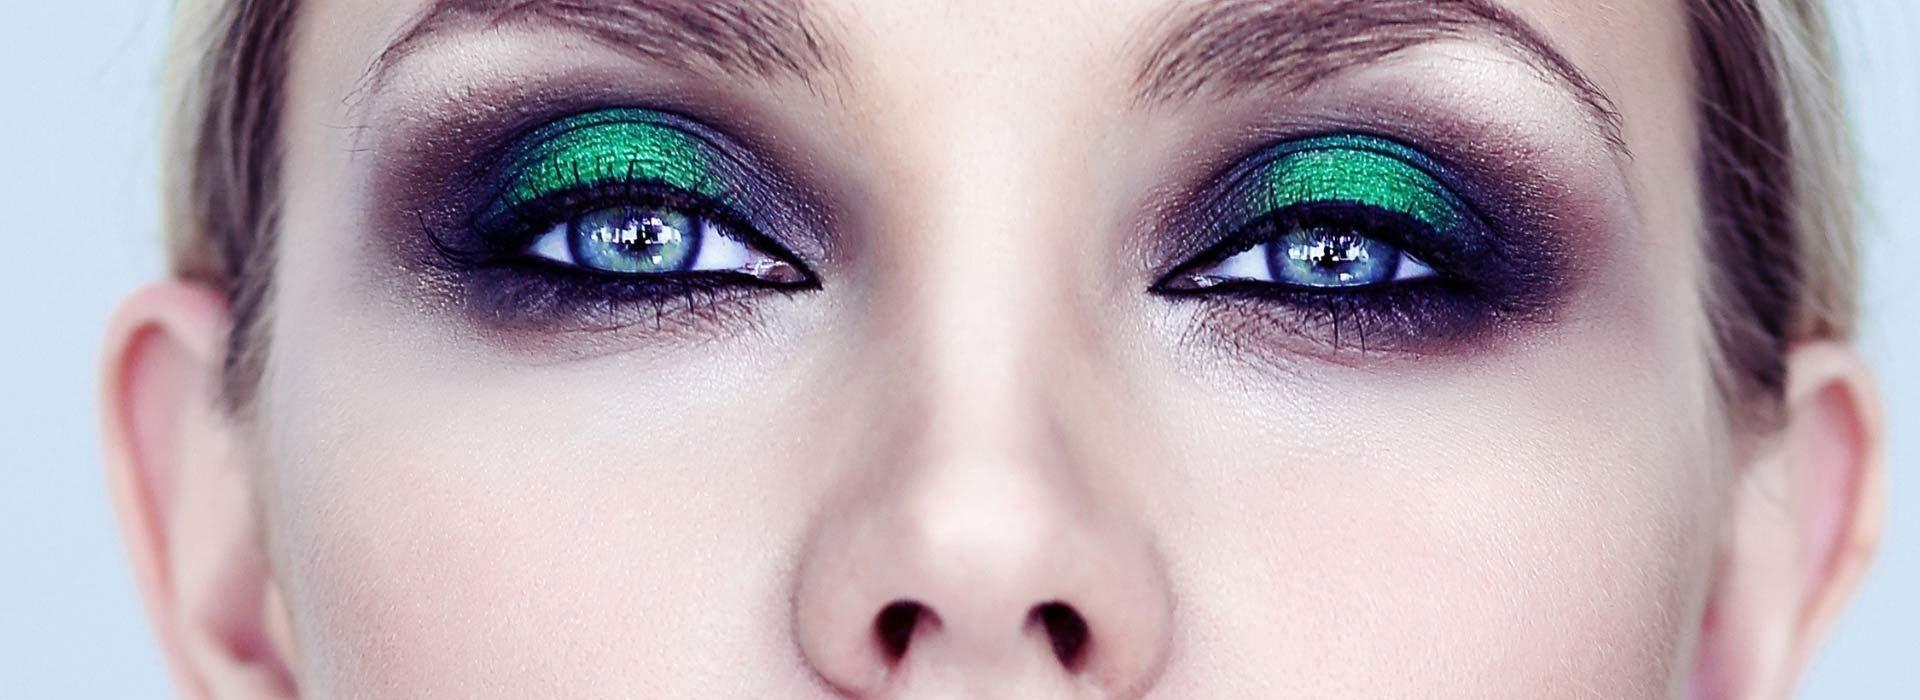 Макияж к голубым глазам и темным волосам фото